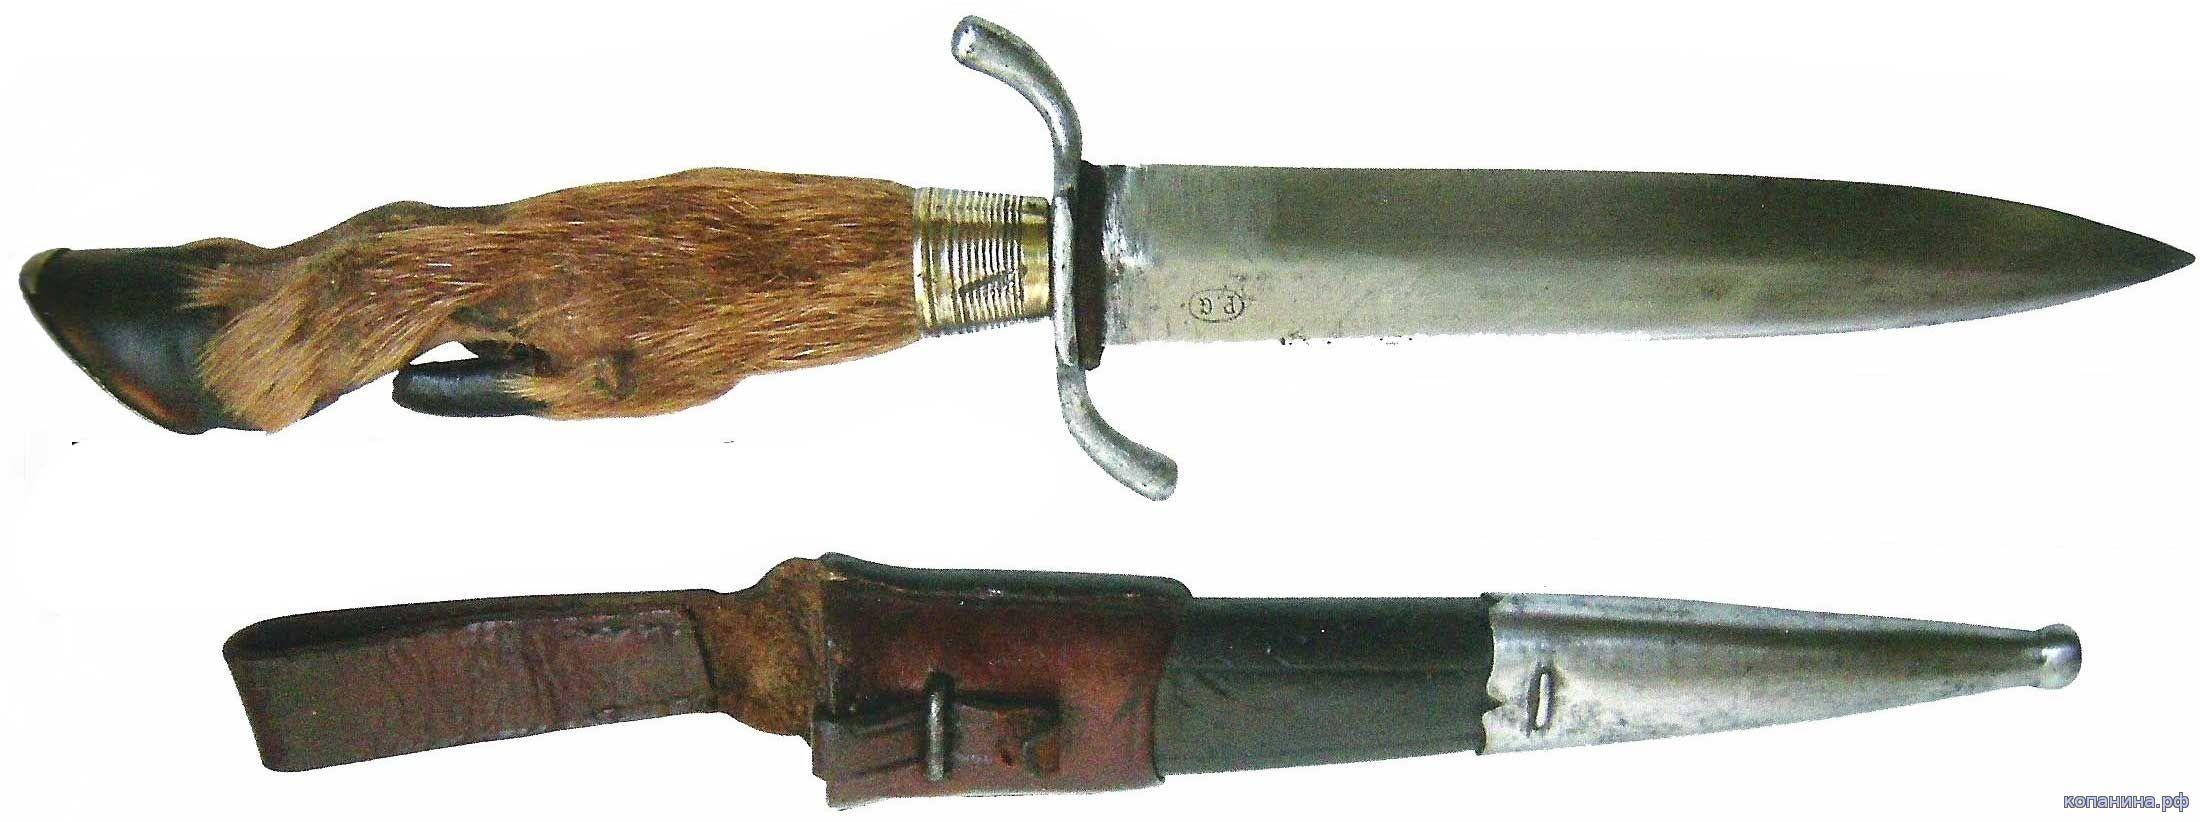 немецкий гражданский нож периода первой мировой войны